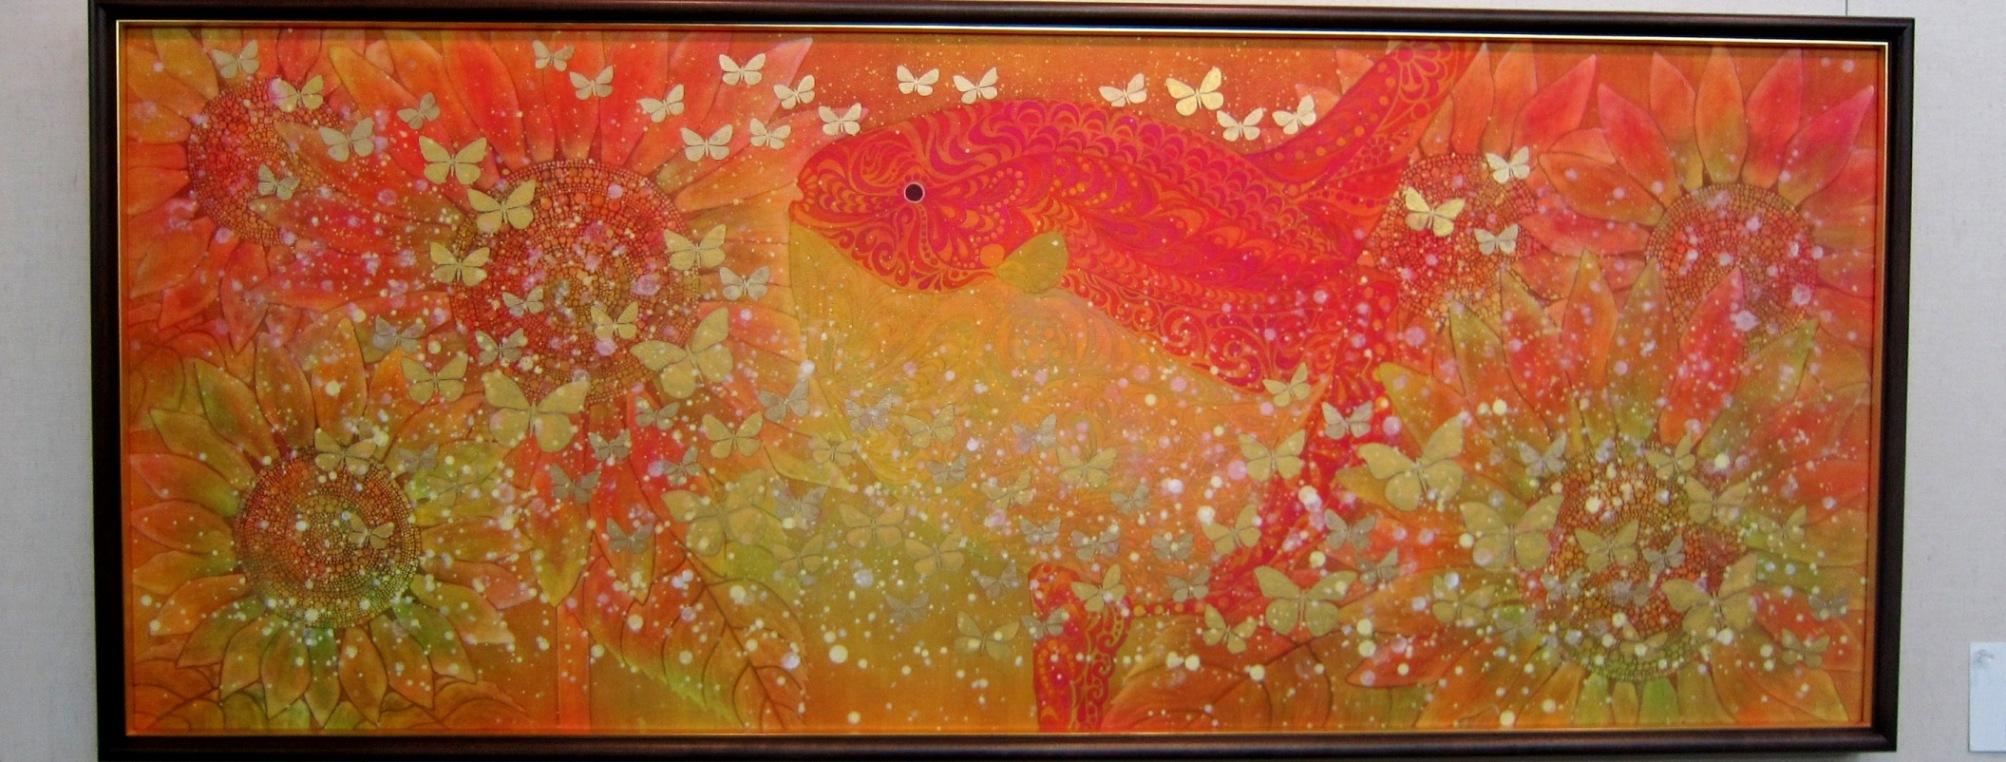 2072)②「北の日本画展 第28回」 時計台 終了5月20日(月)~5月25日(土)_f0126829_22535529.jpg